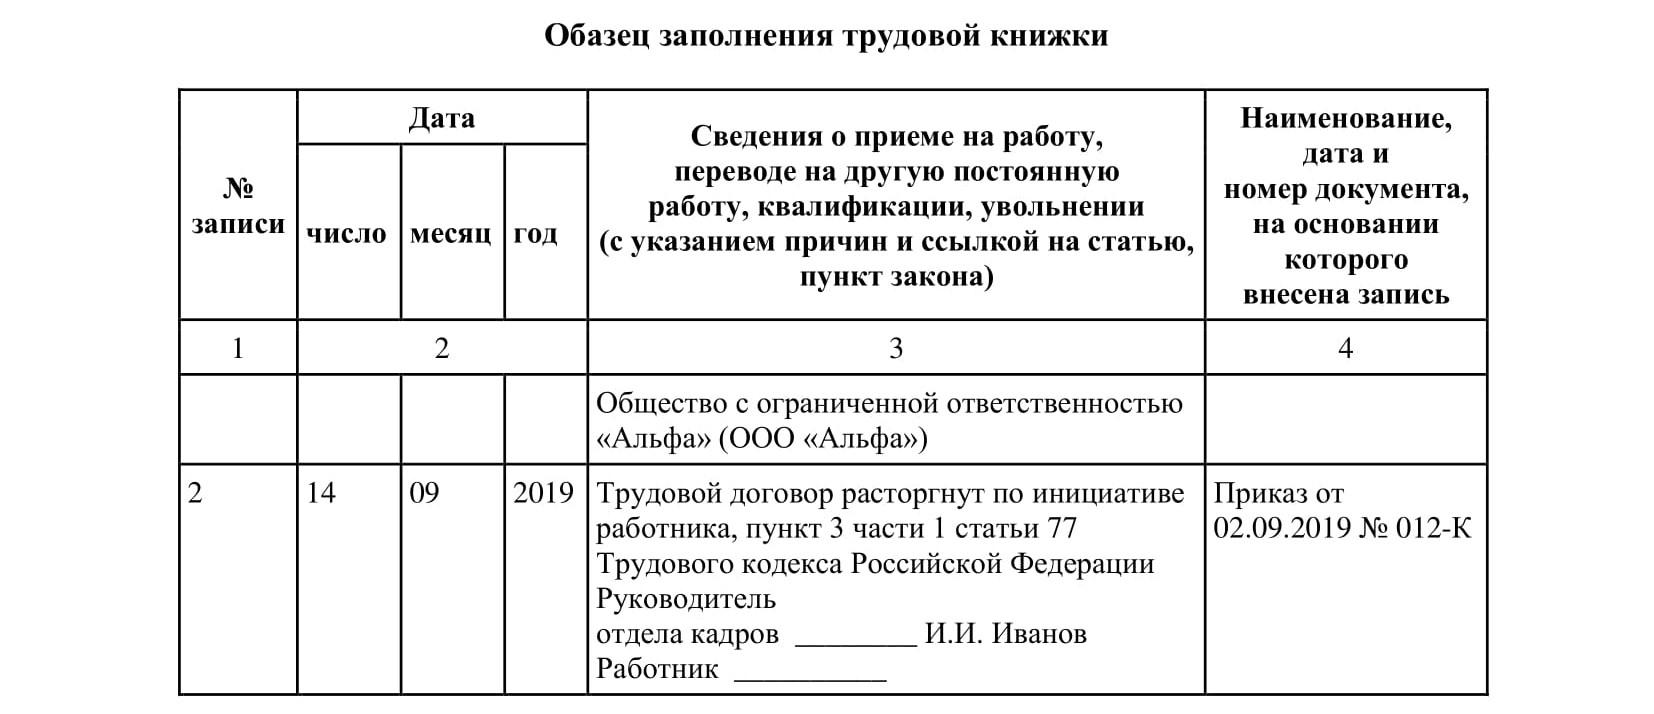 mozhno-li-uvolitsya-vo-vremya-otpuska